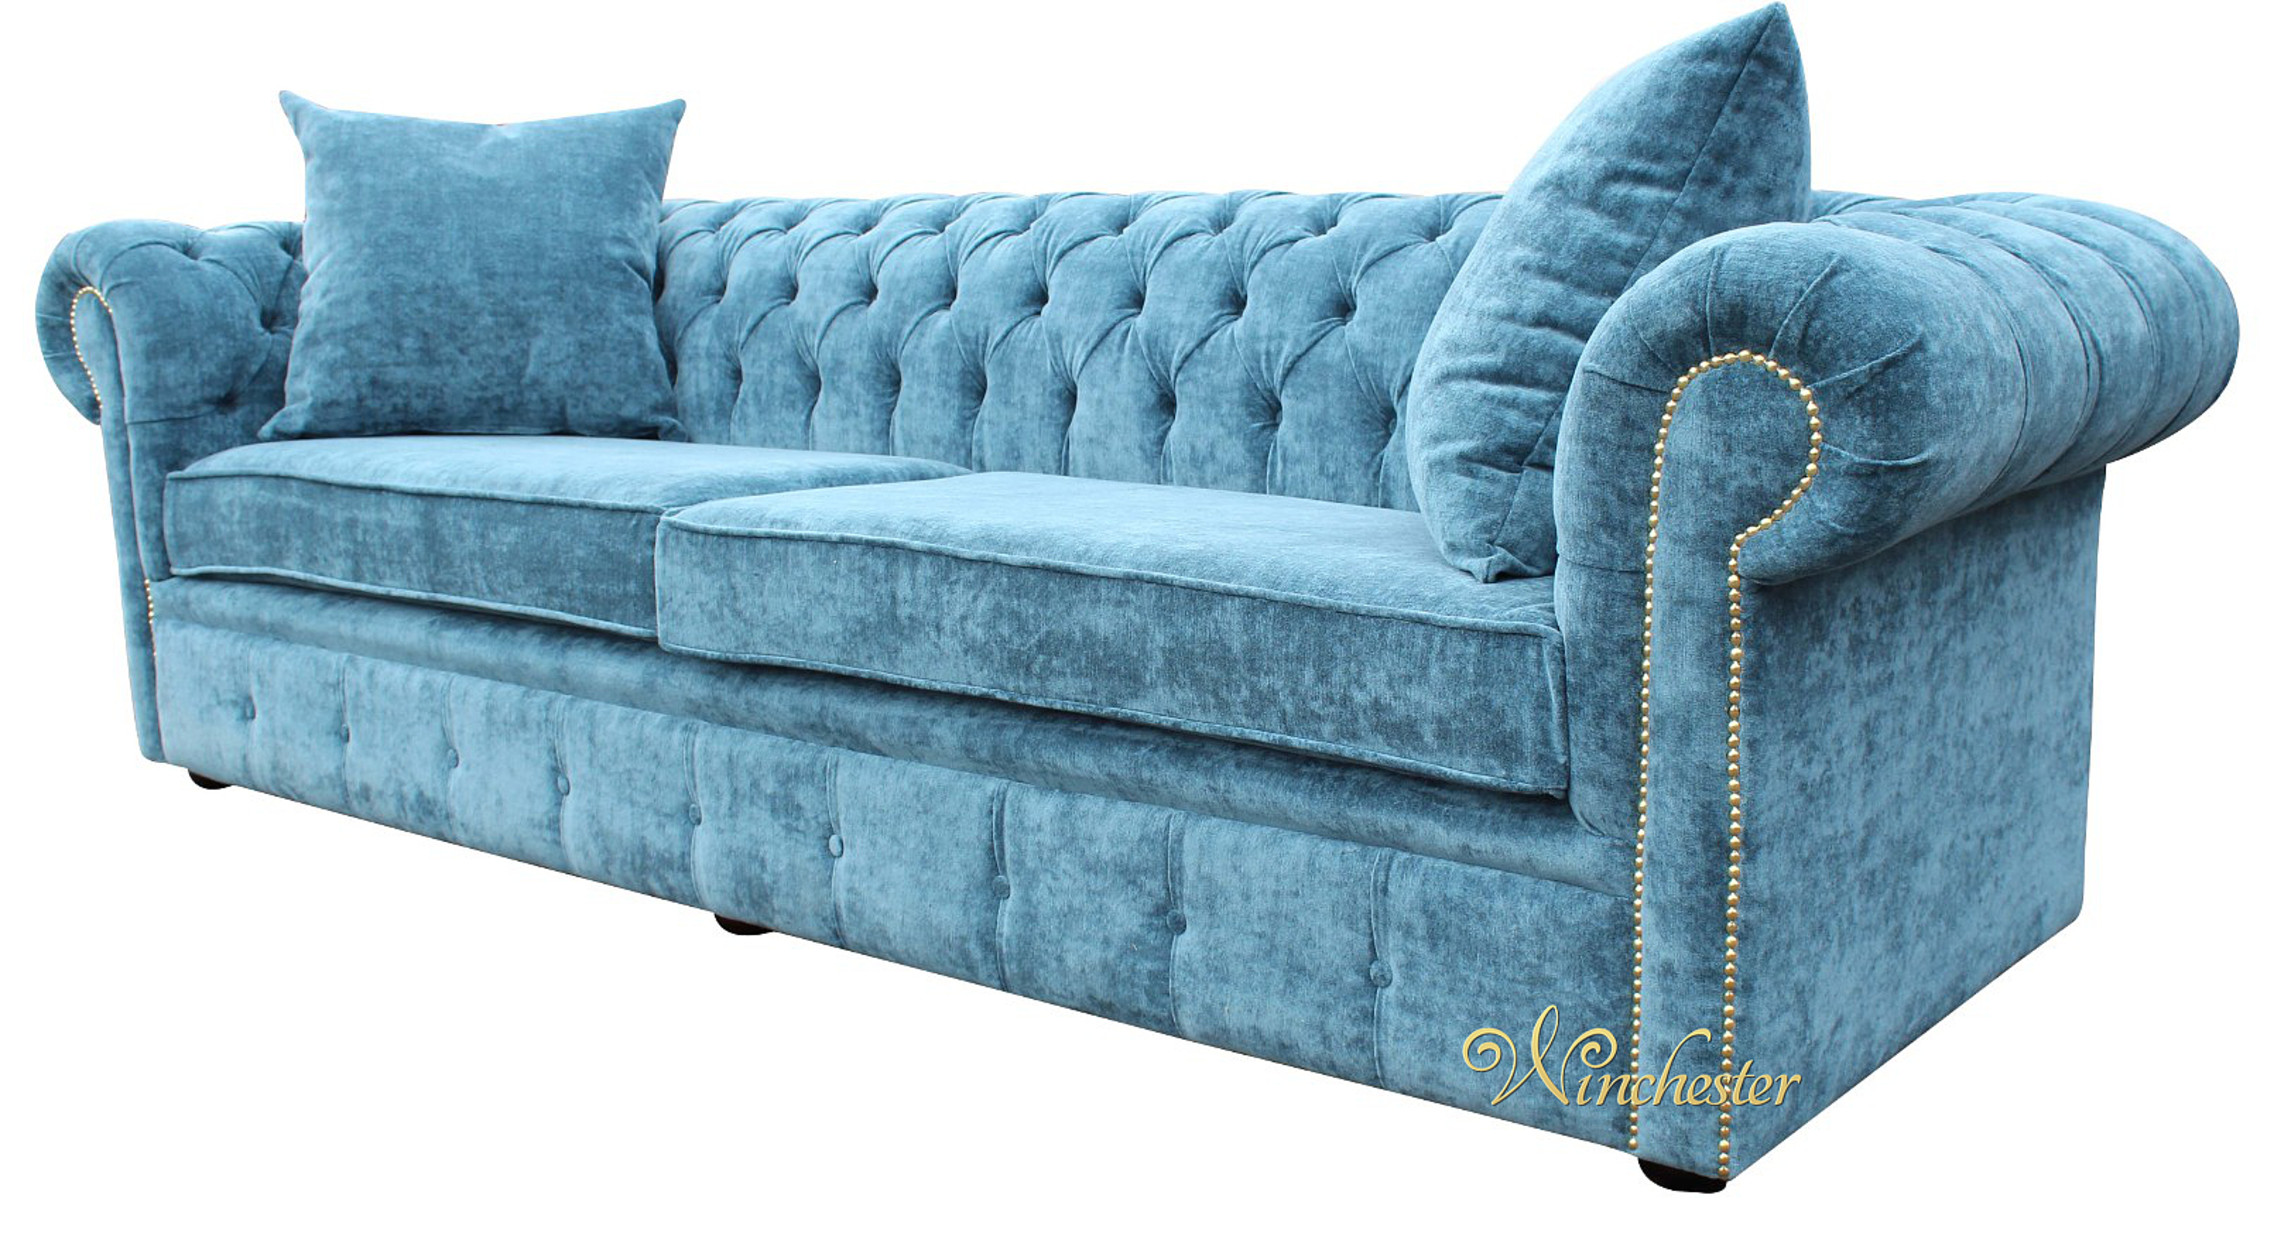 Chesterfield 4 Seater Settee Elegance Teal Velvet Fabric